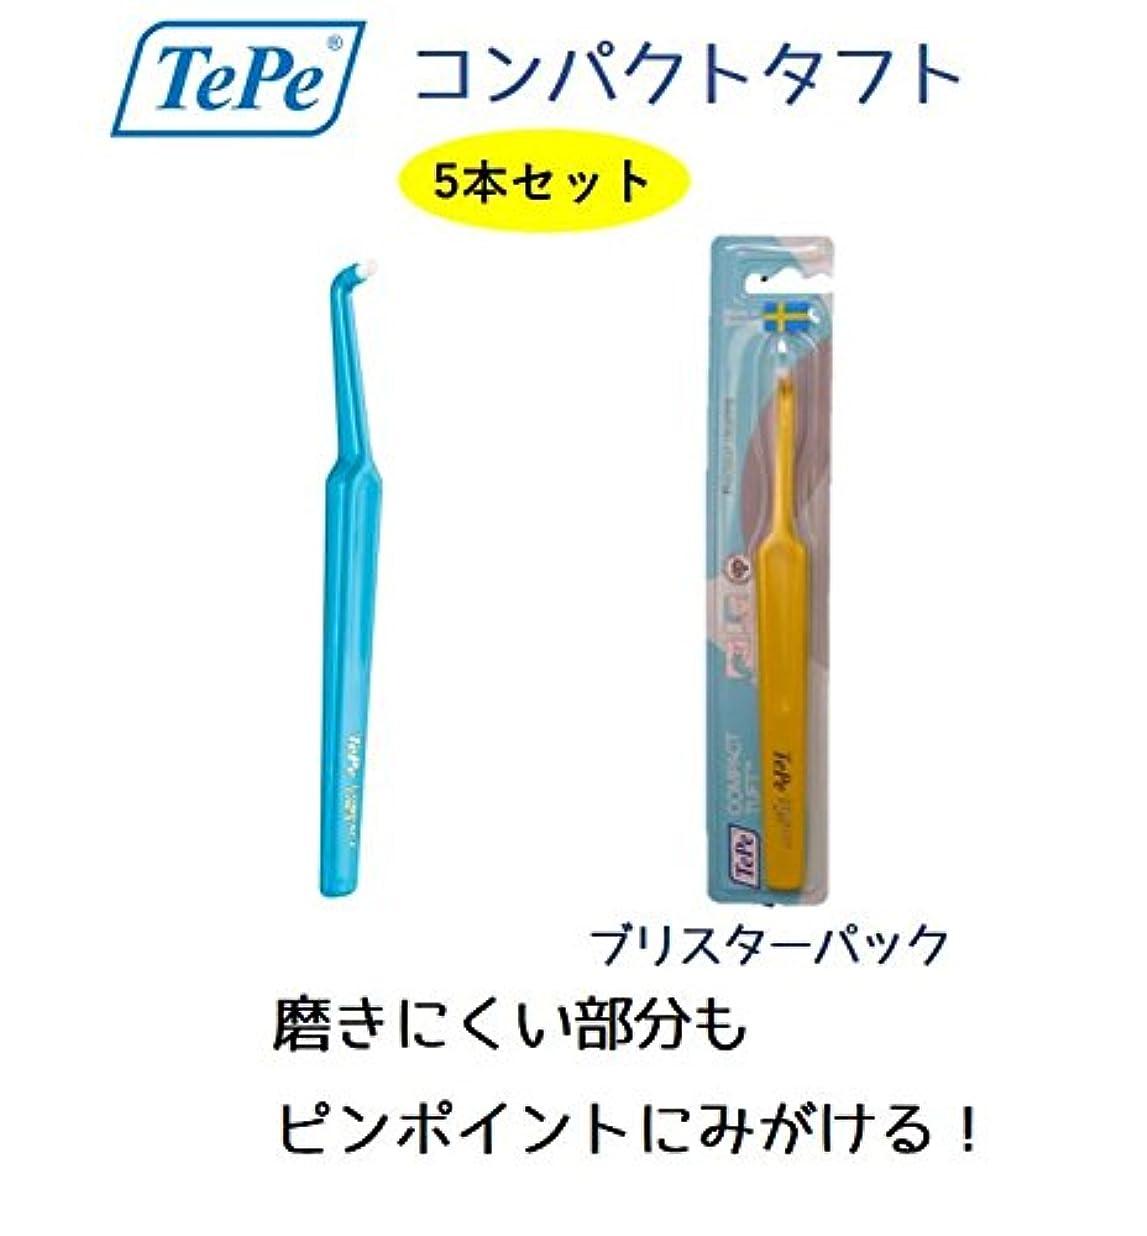 揮発性ピン学士テペ コンパクトタフト ブリスターパック 5本セット TePe